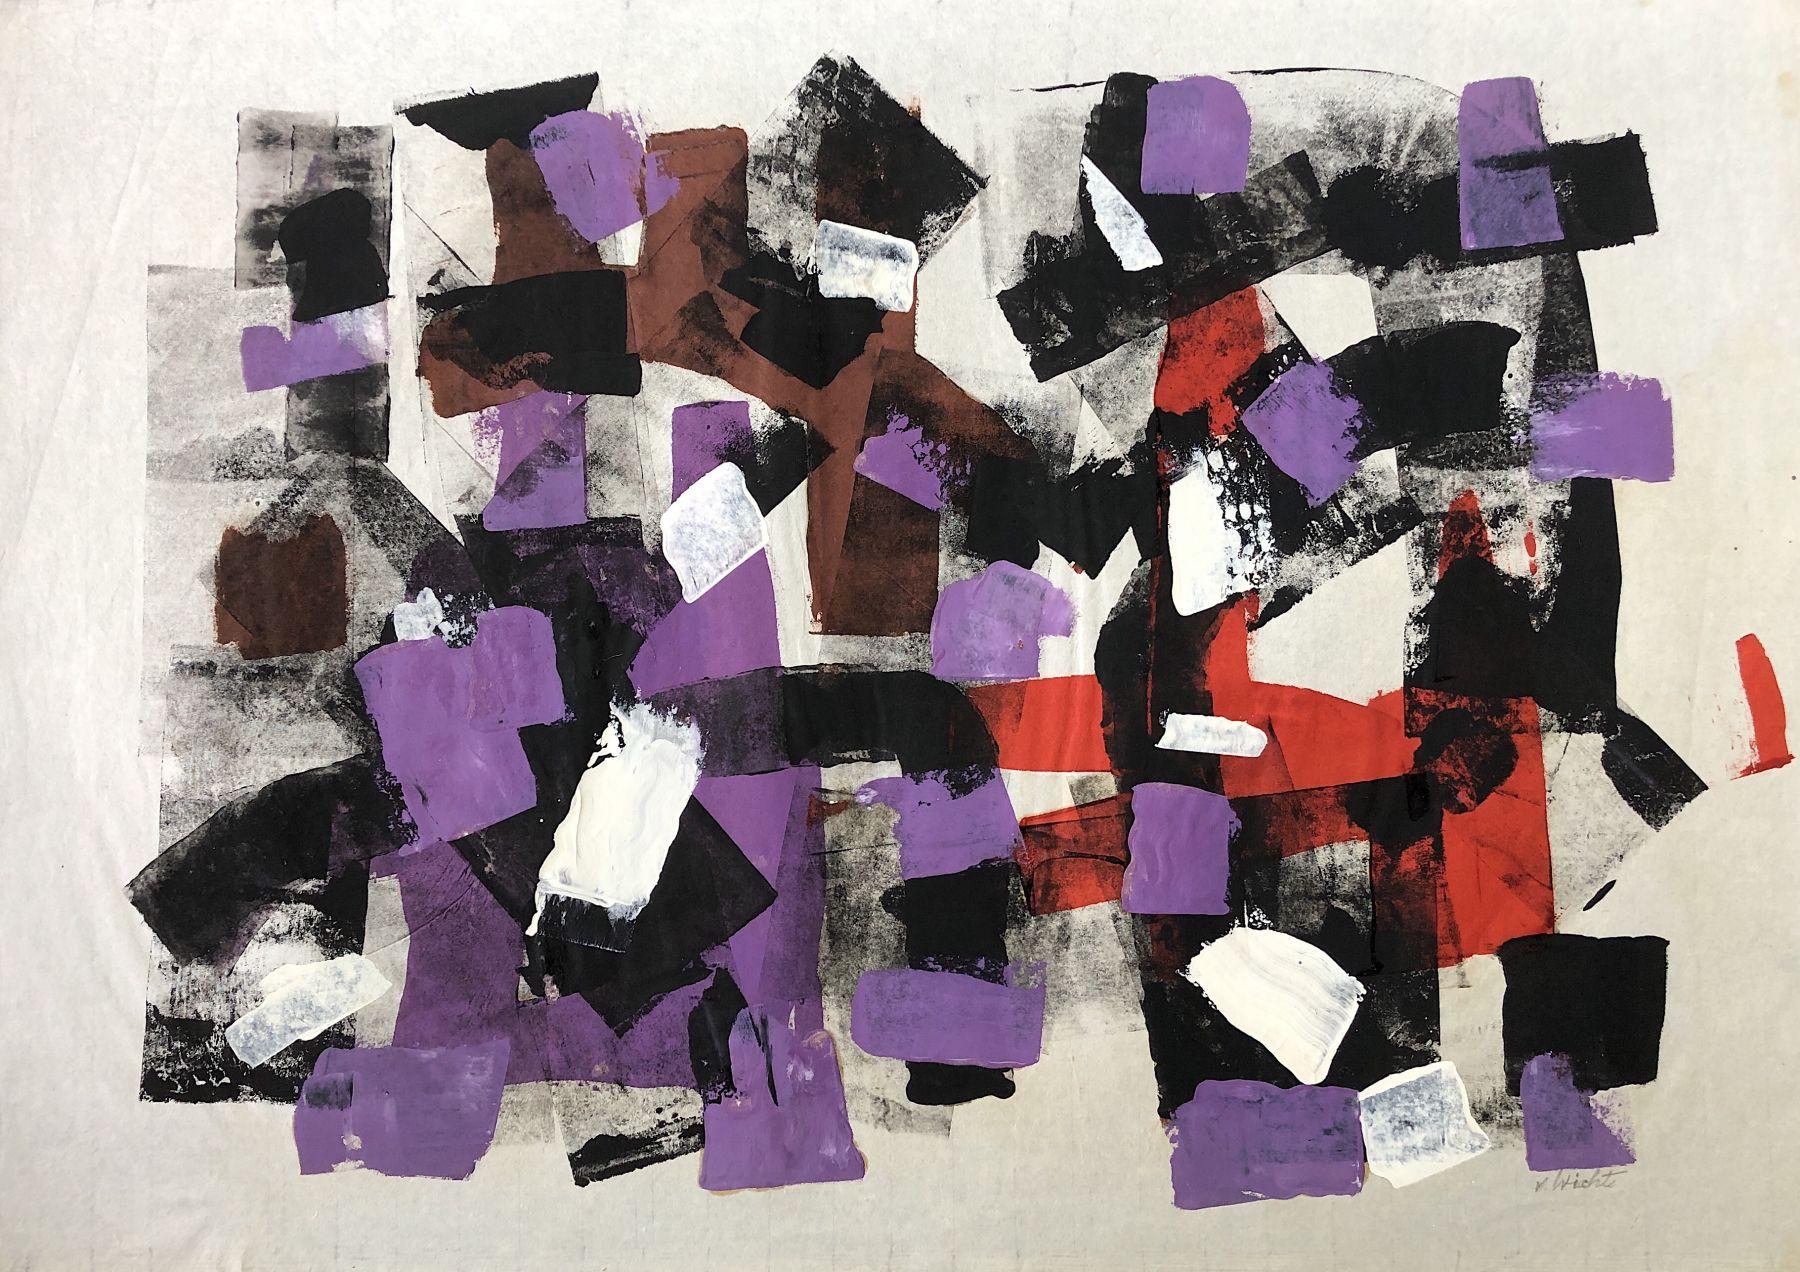 John Von Wicht untitled mixed media work on paper #VoJo131.